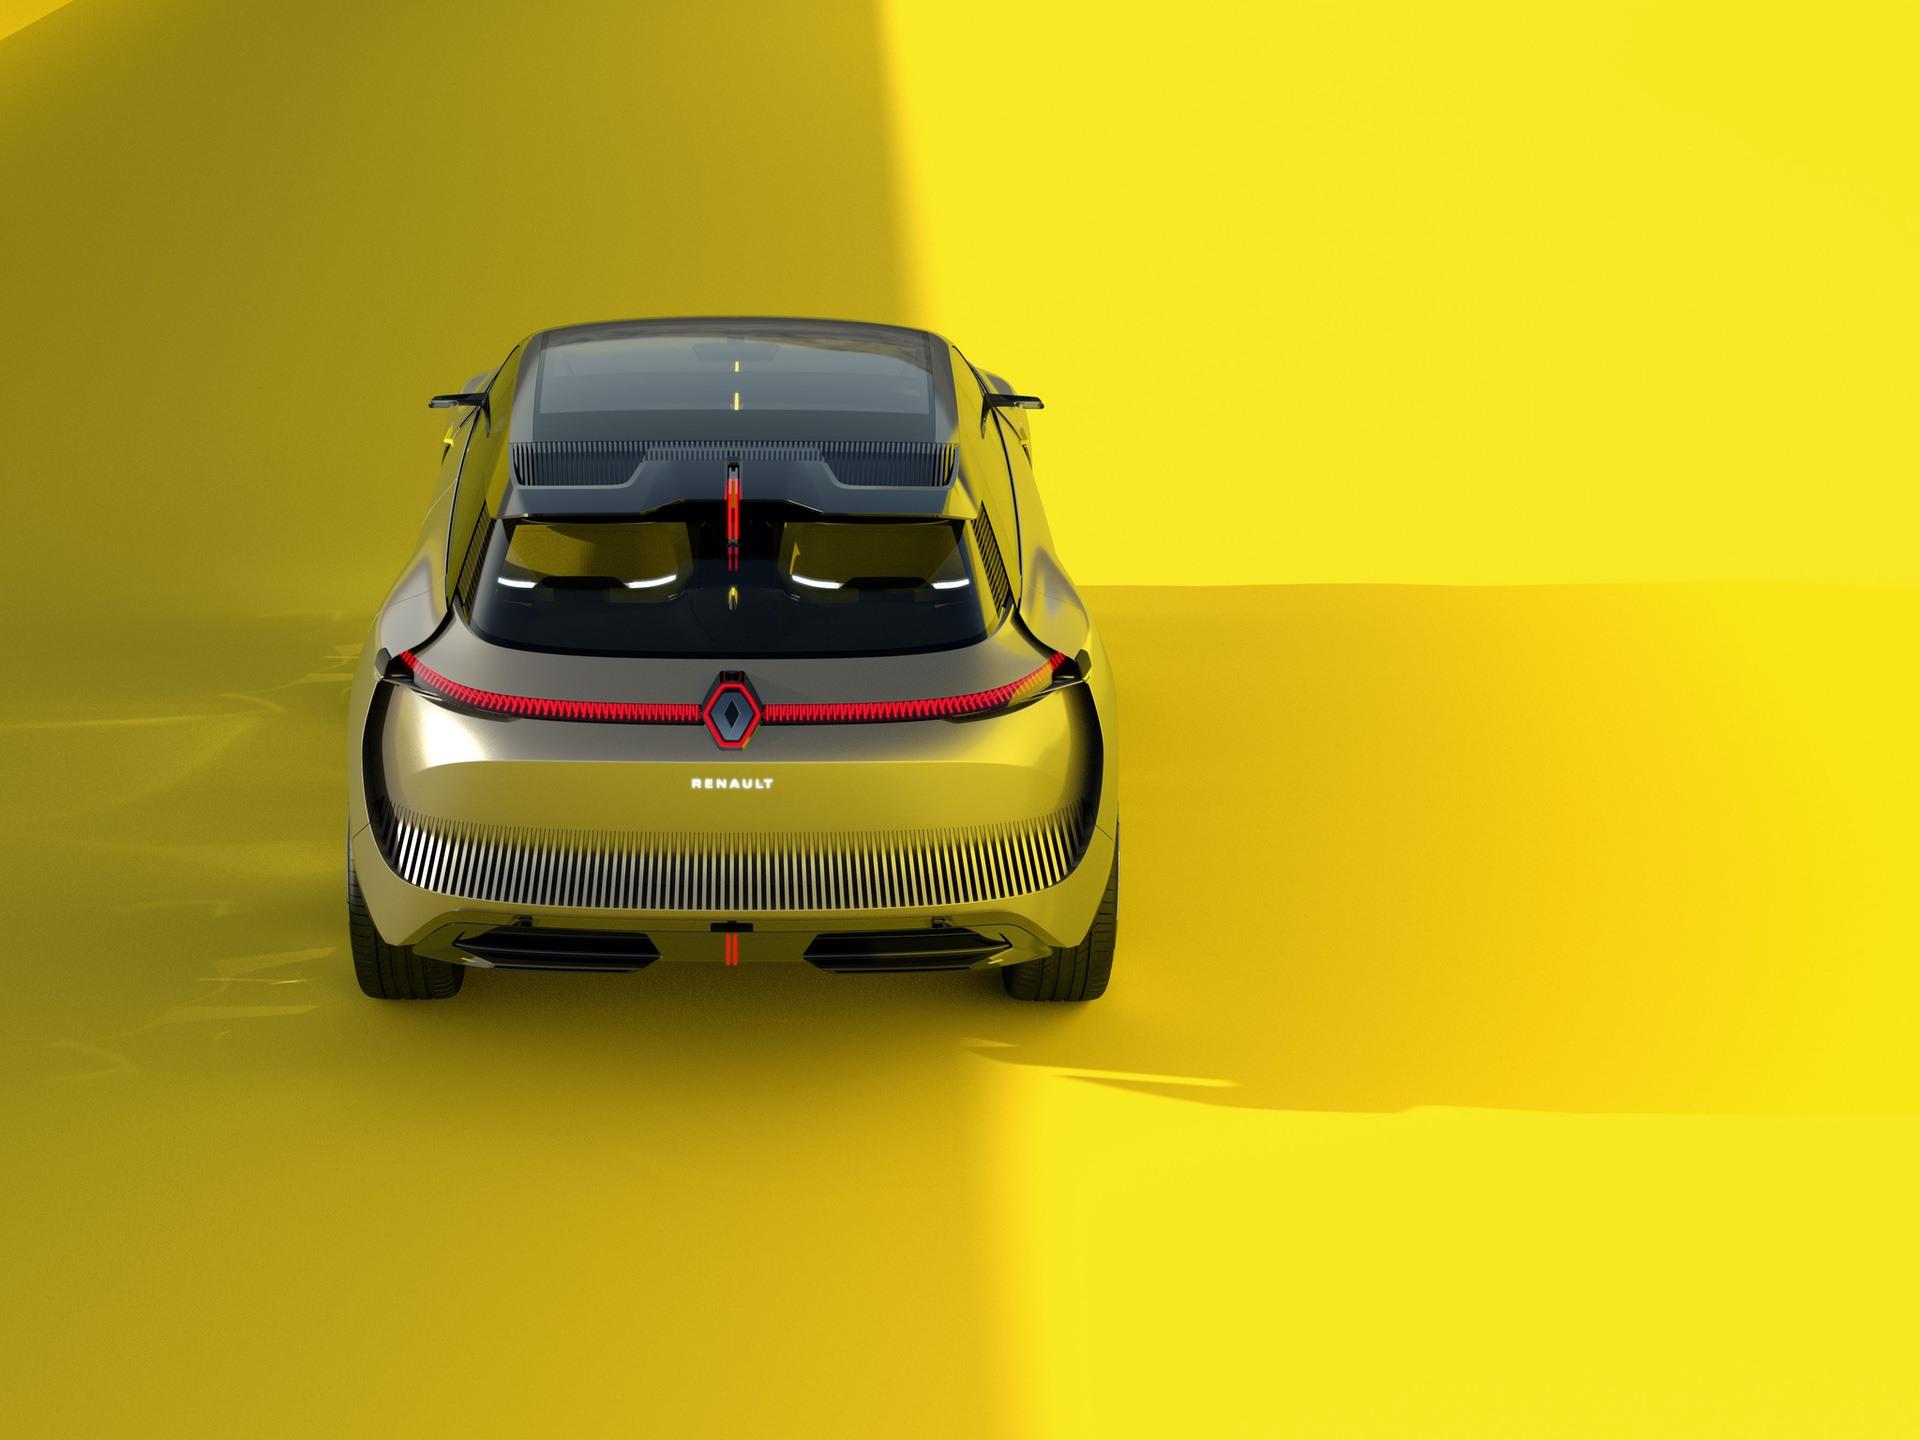 Renault_Morphoz_concept_0018